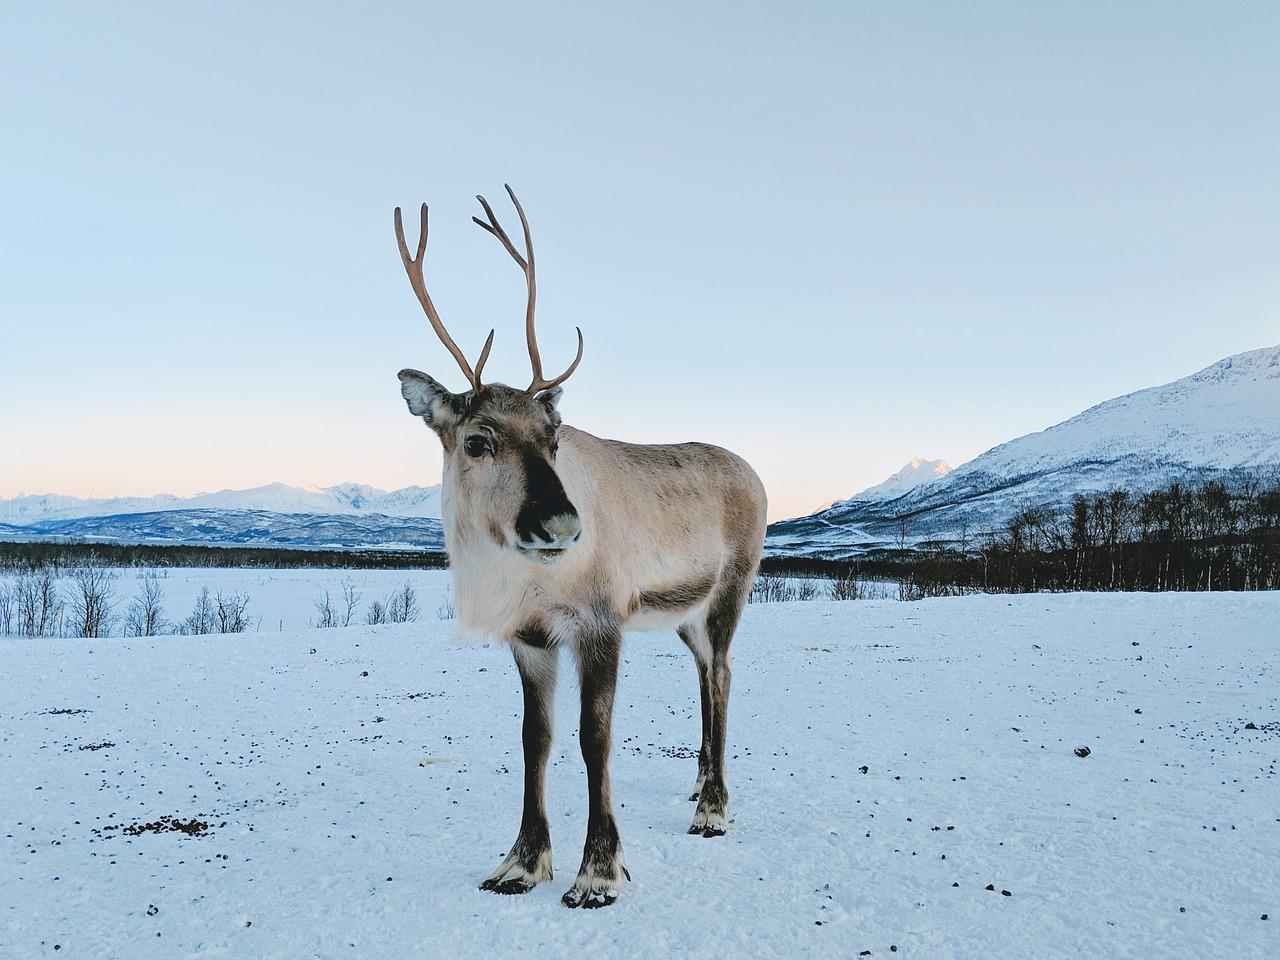 природе картинки полярного оленя иногда корневую систему